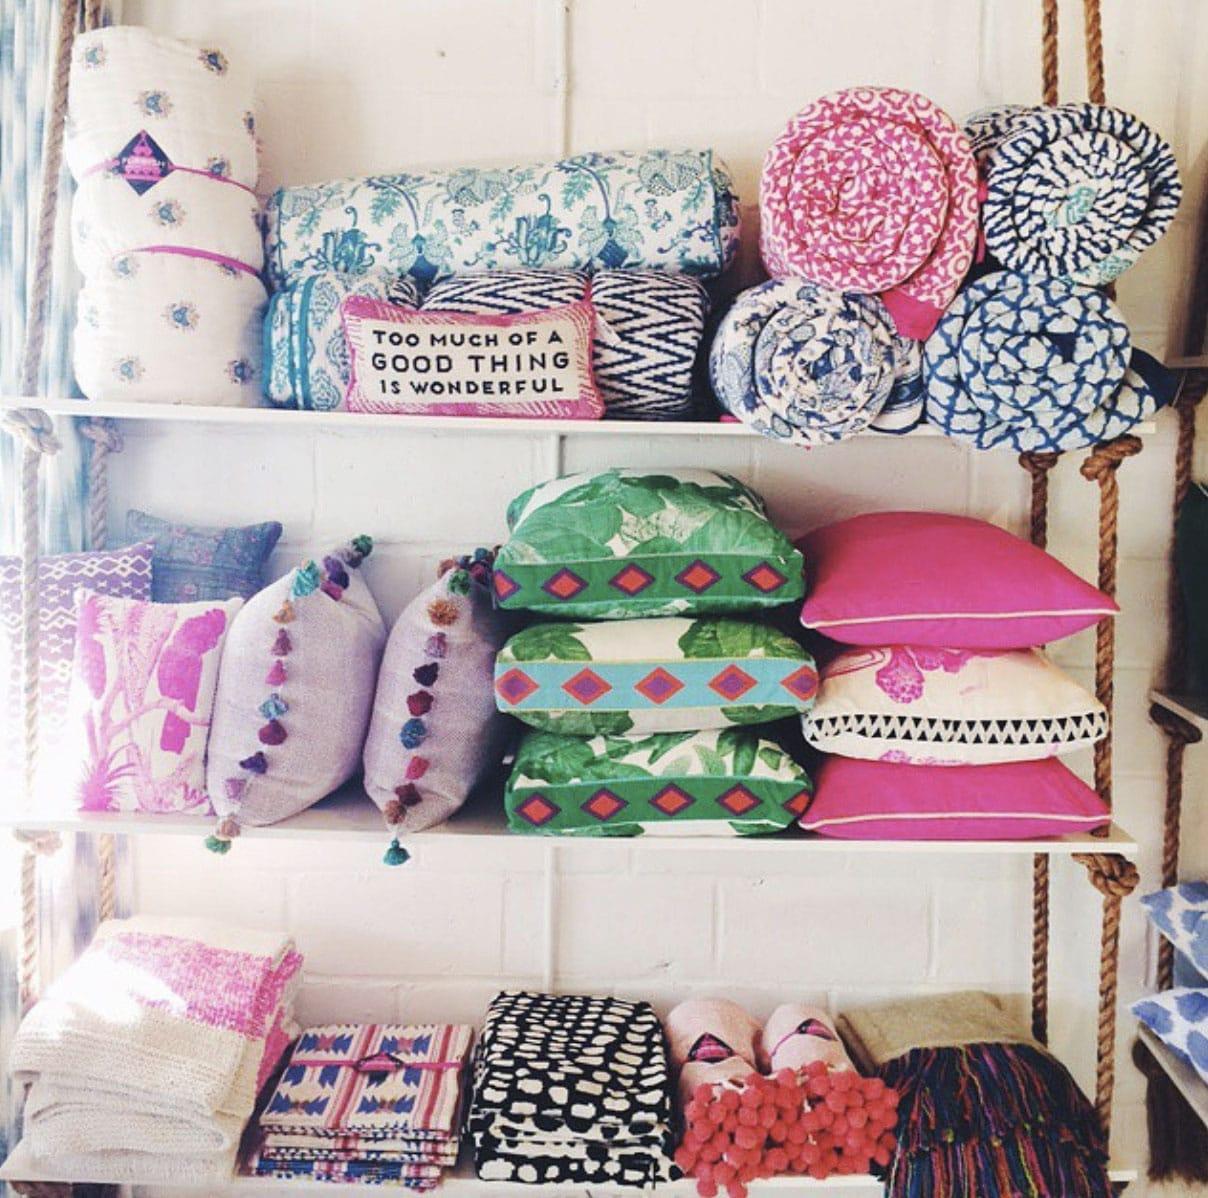 So. Many. Good. Pillows.